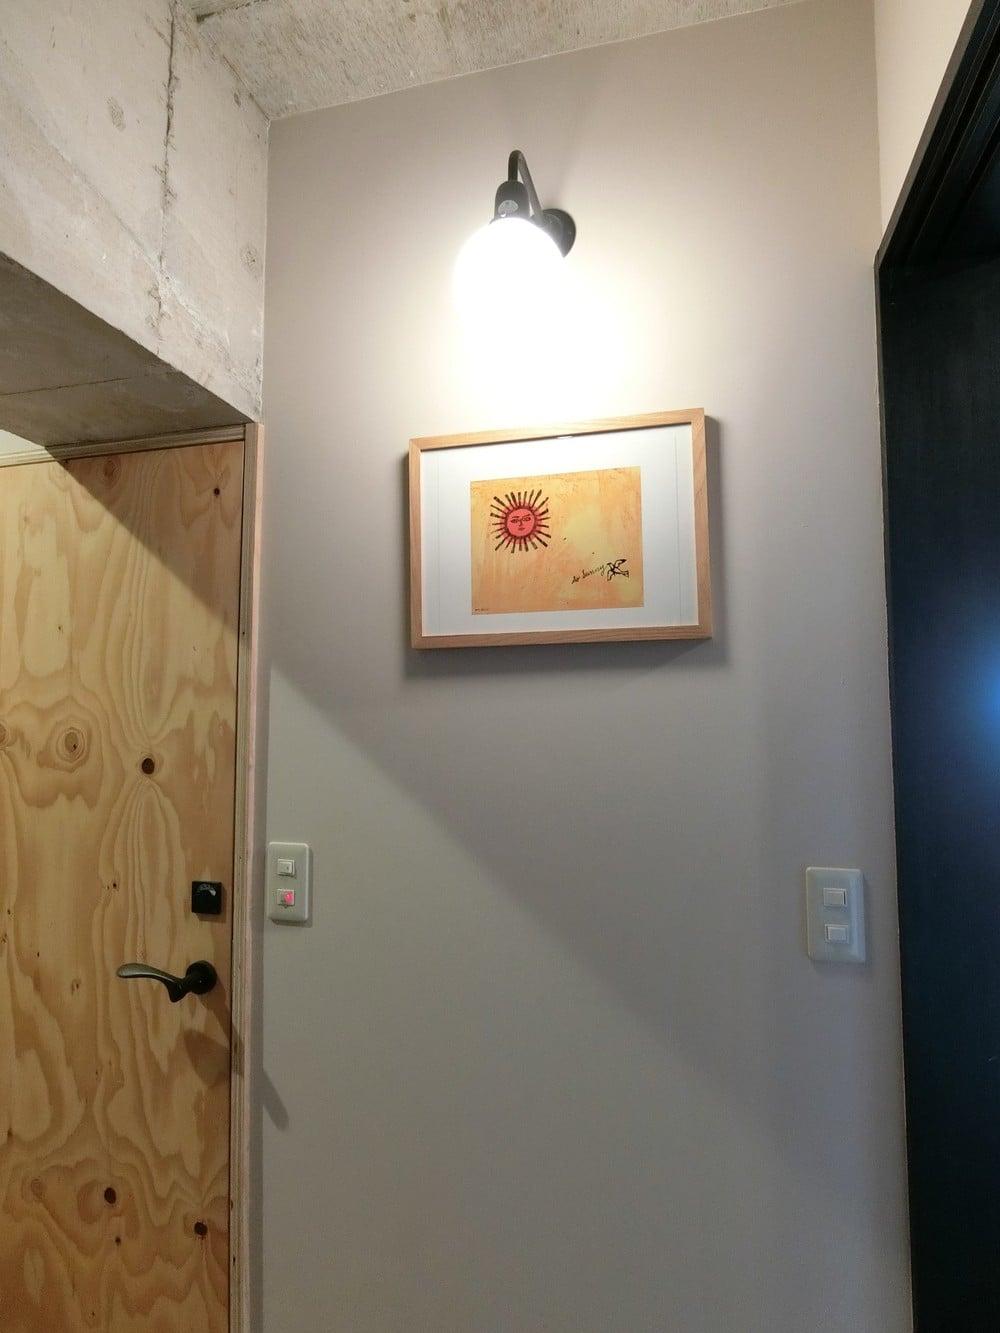 アンディ・ウォーホルのアートをブラケットライトの下に。